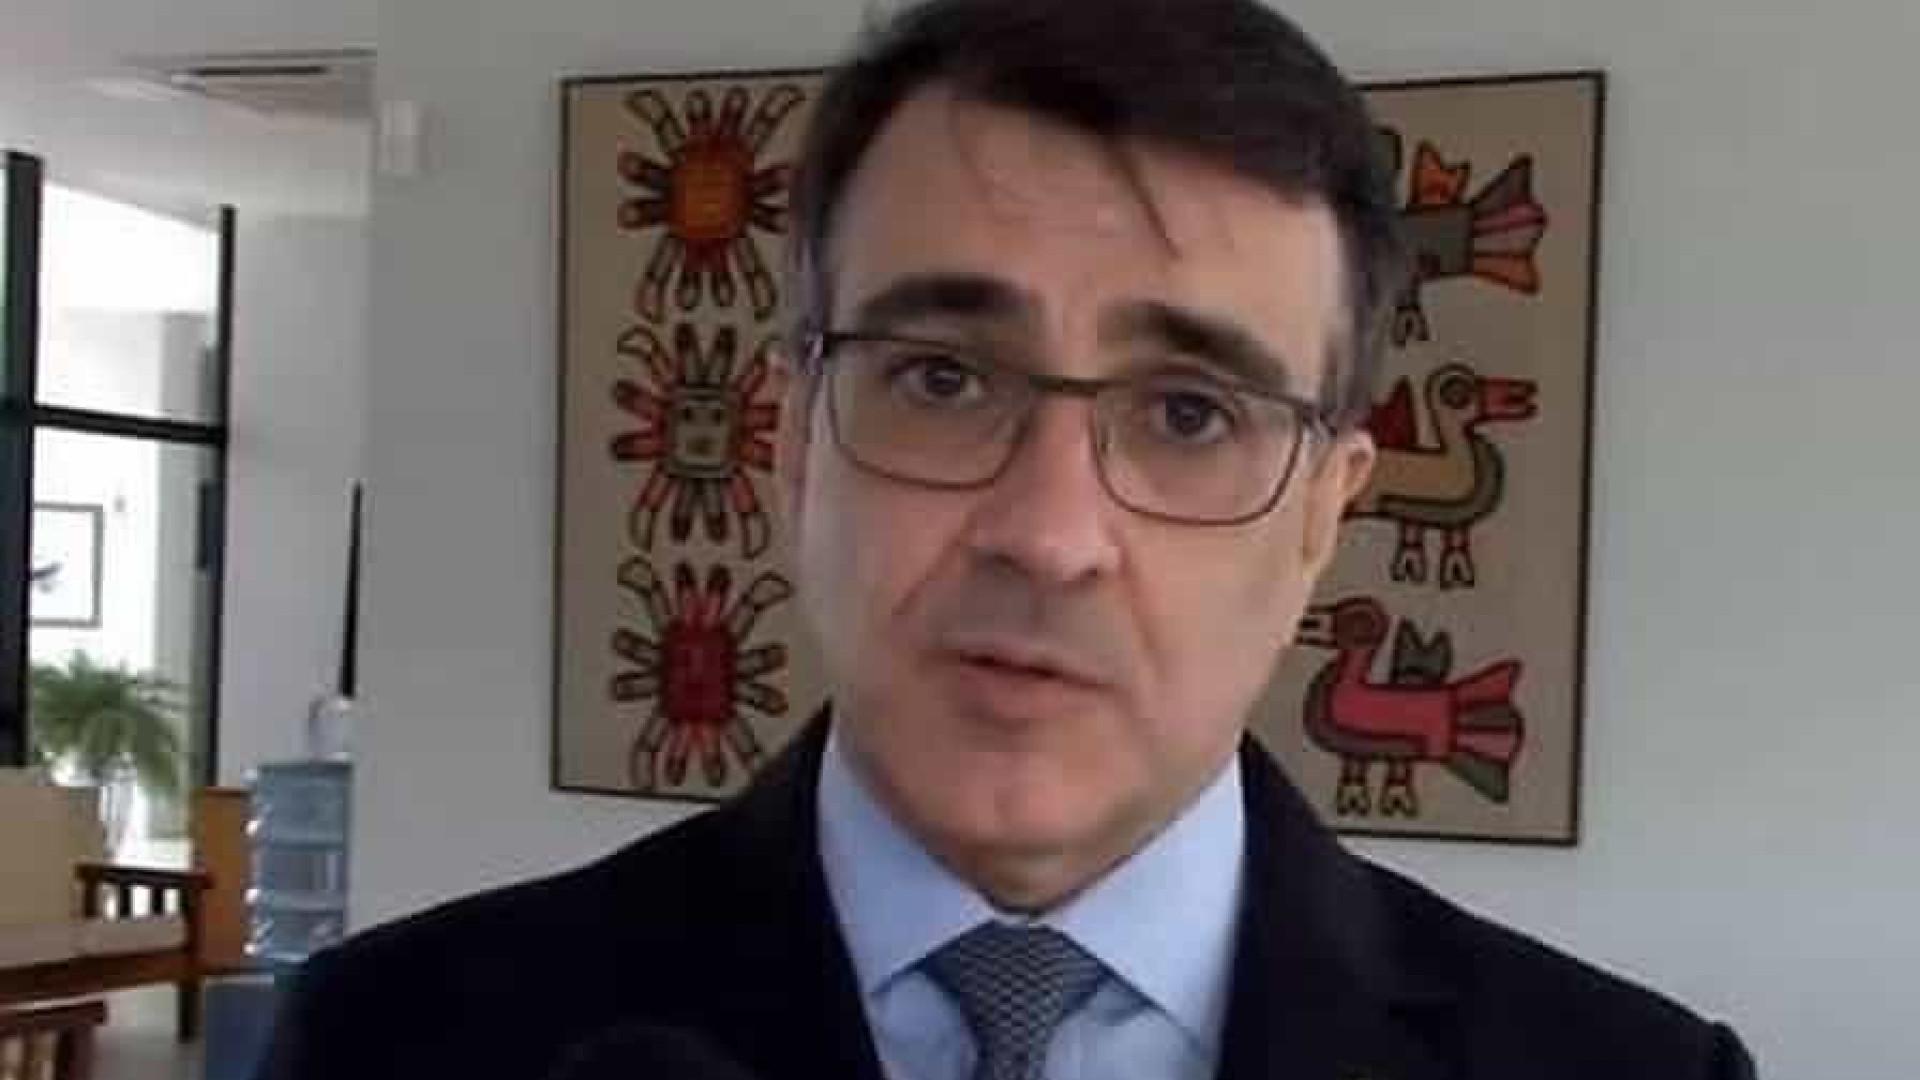 'Diplomata é um construtor de pontes', diz novo ministro das Relações Exteriores